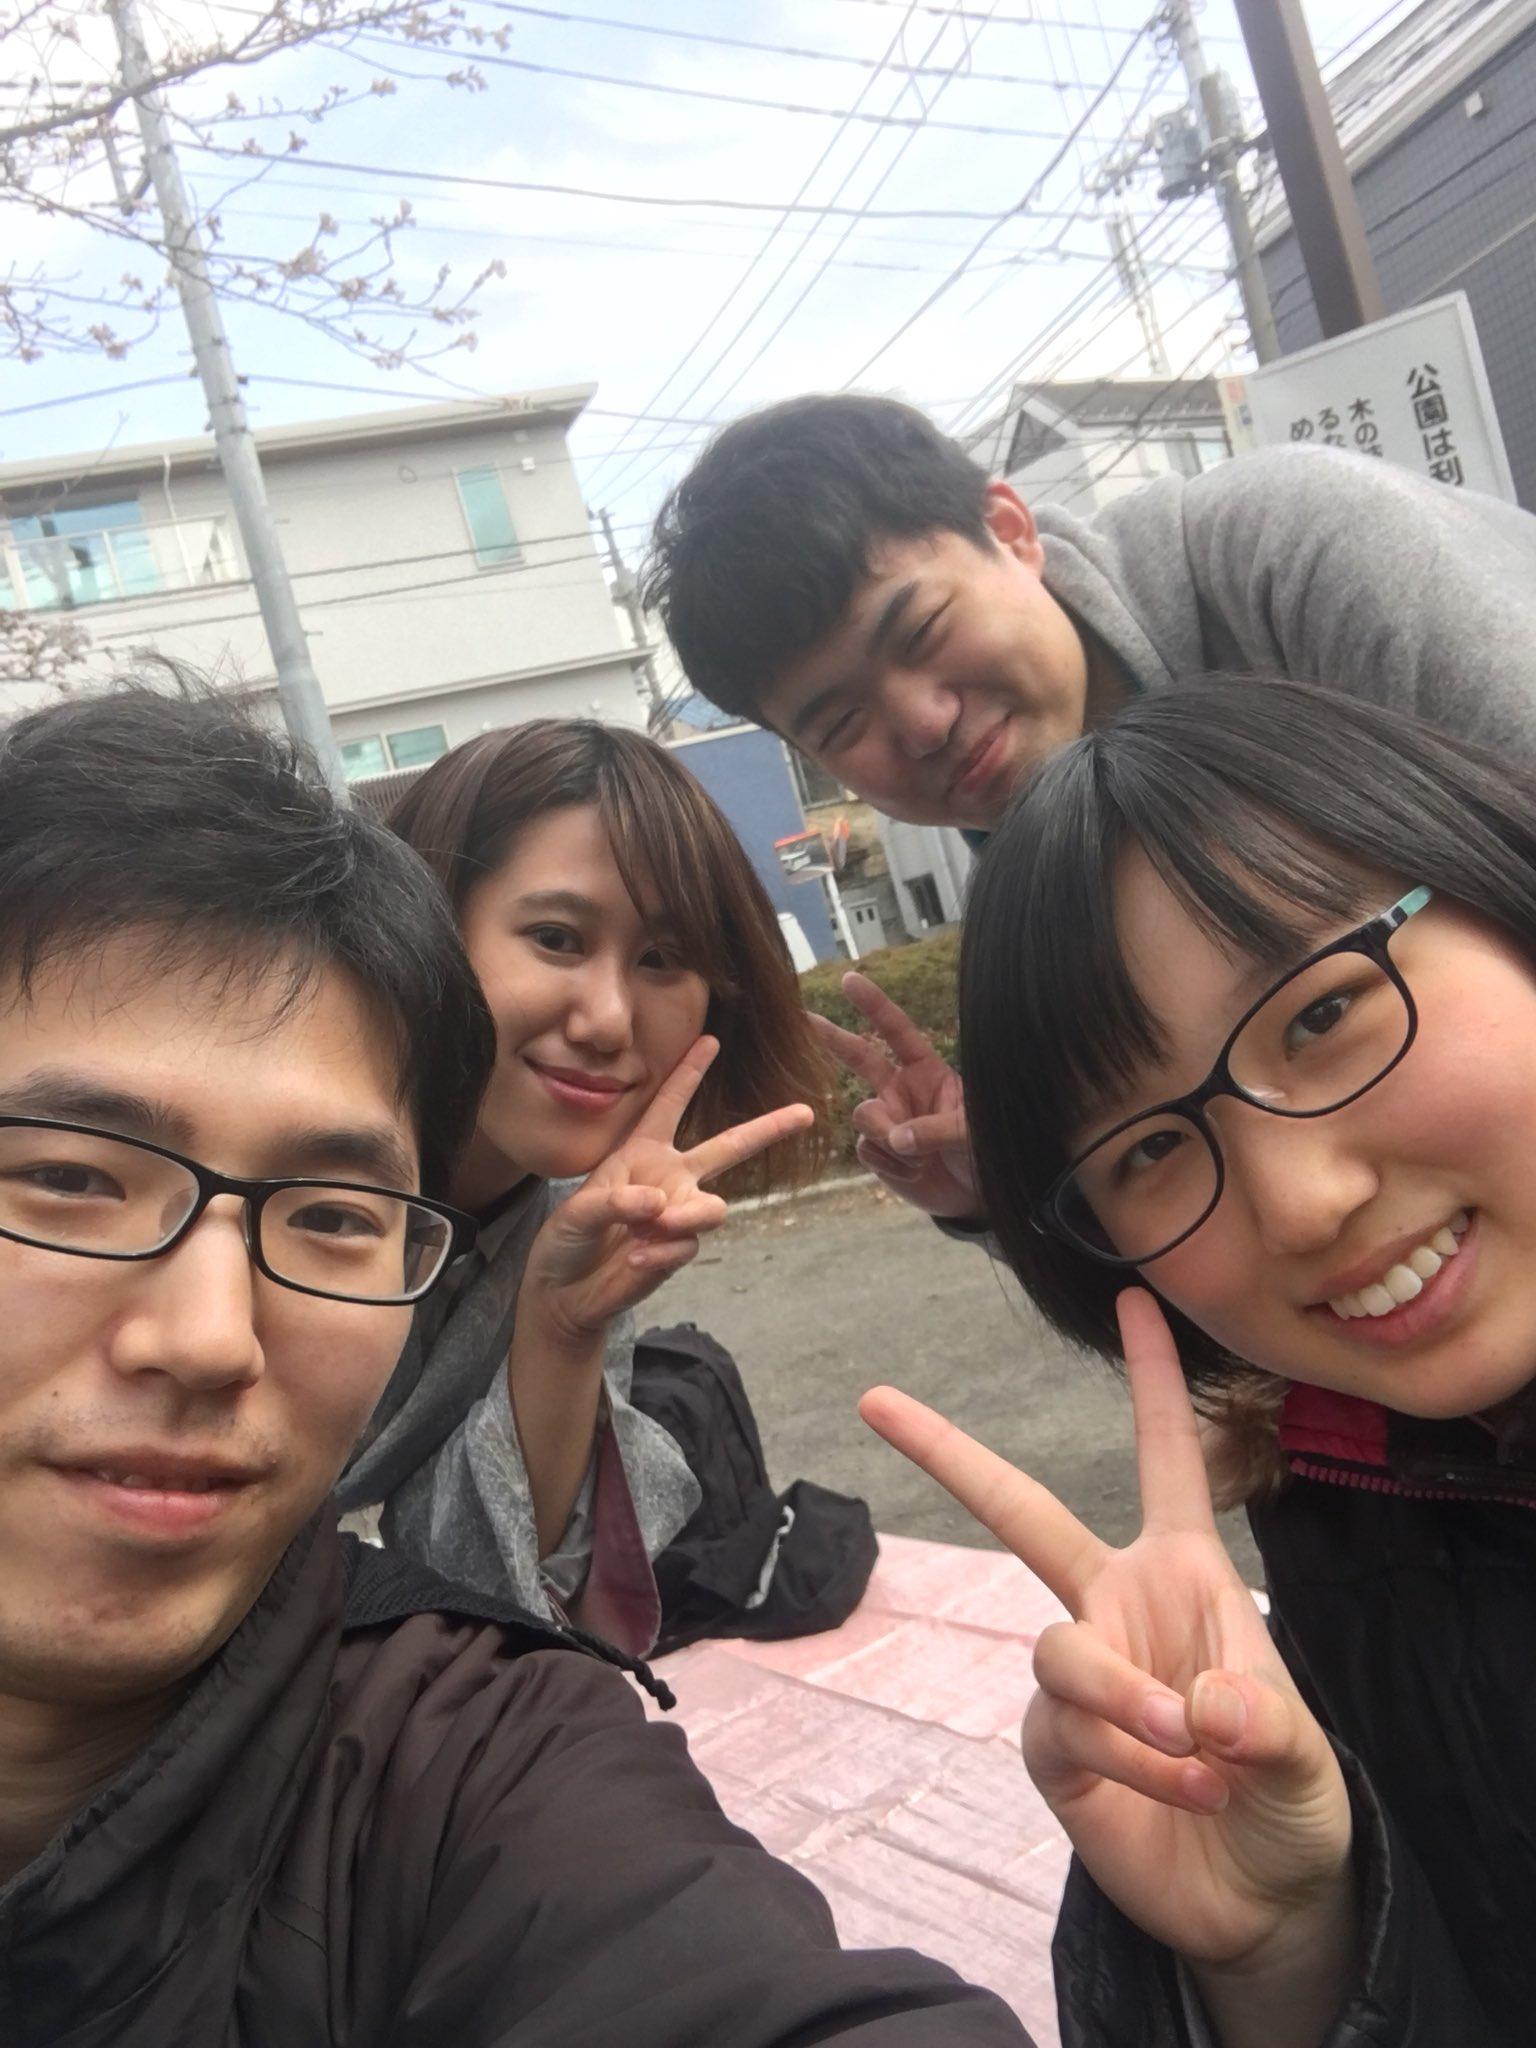 えら てん 顕正 会 冨士大石寺顕正会 - Wikipedia